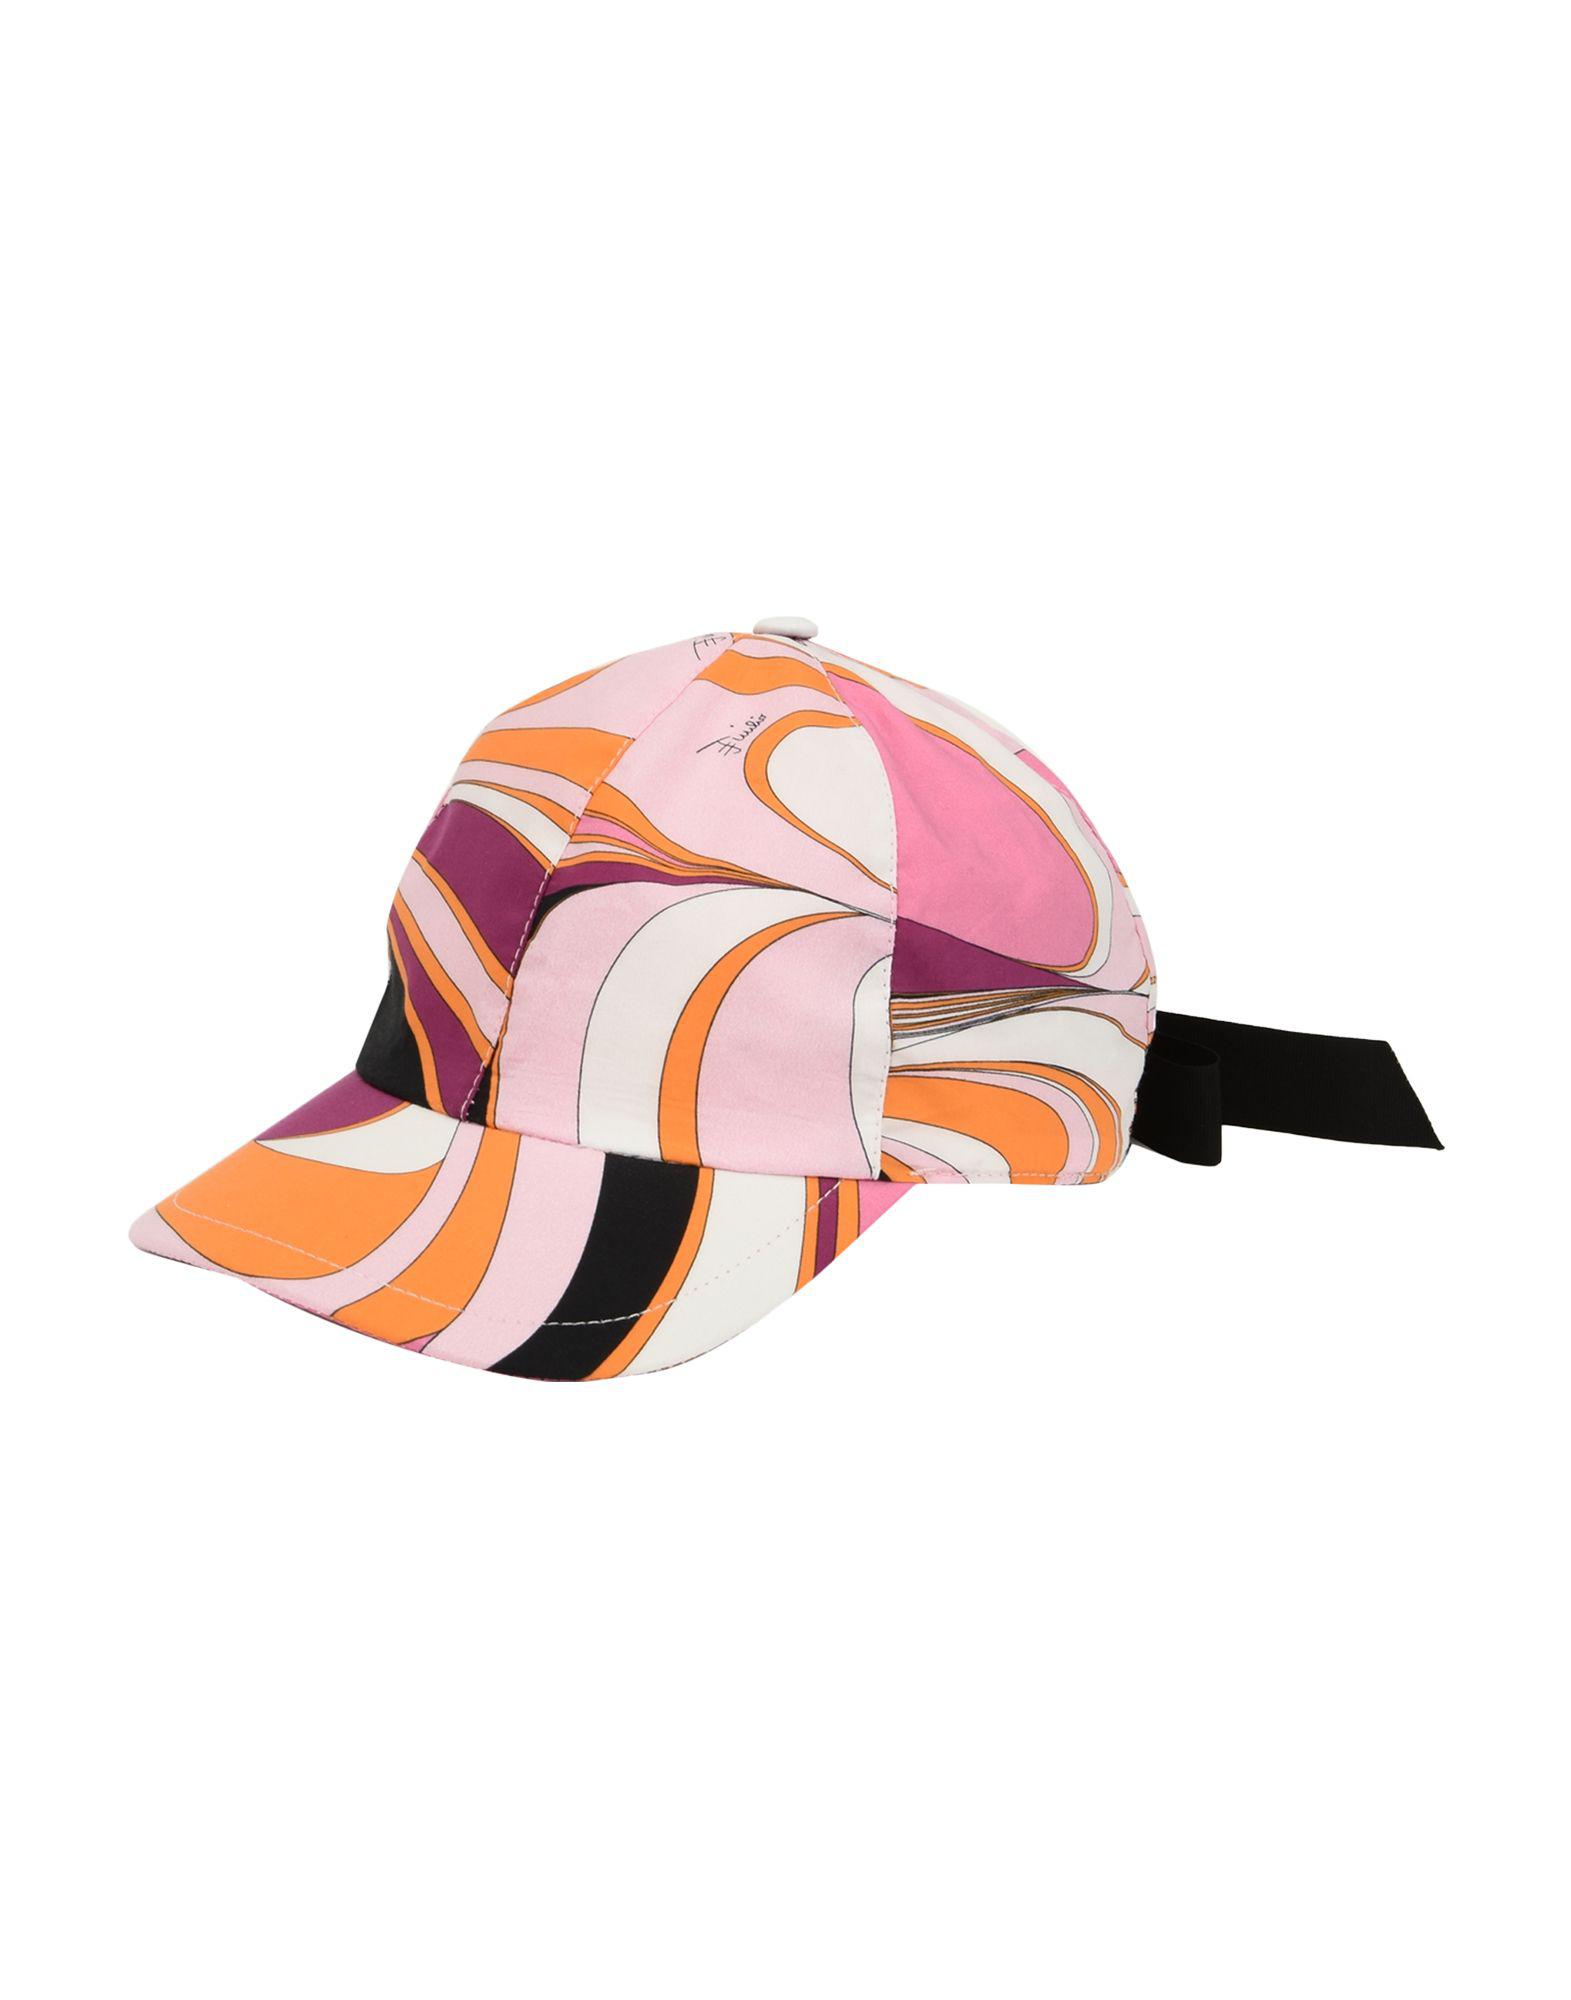 ae71ec0a5263f Emilio Pucci Hat In Pink